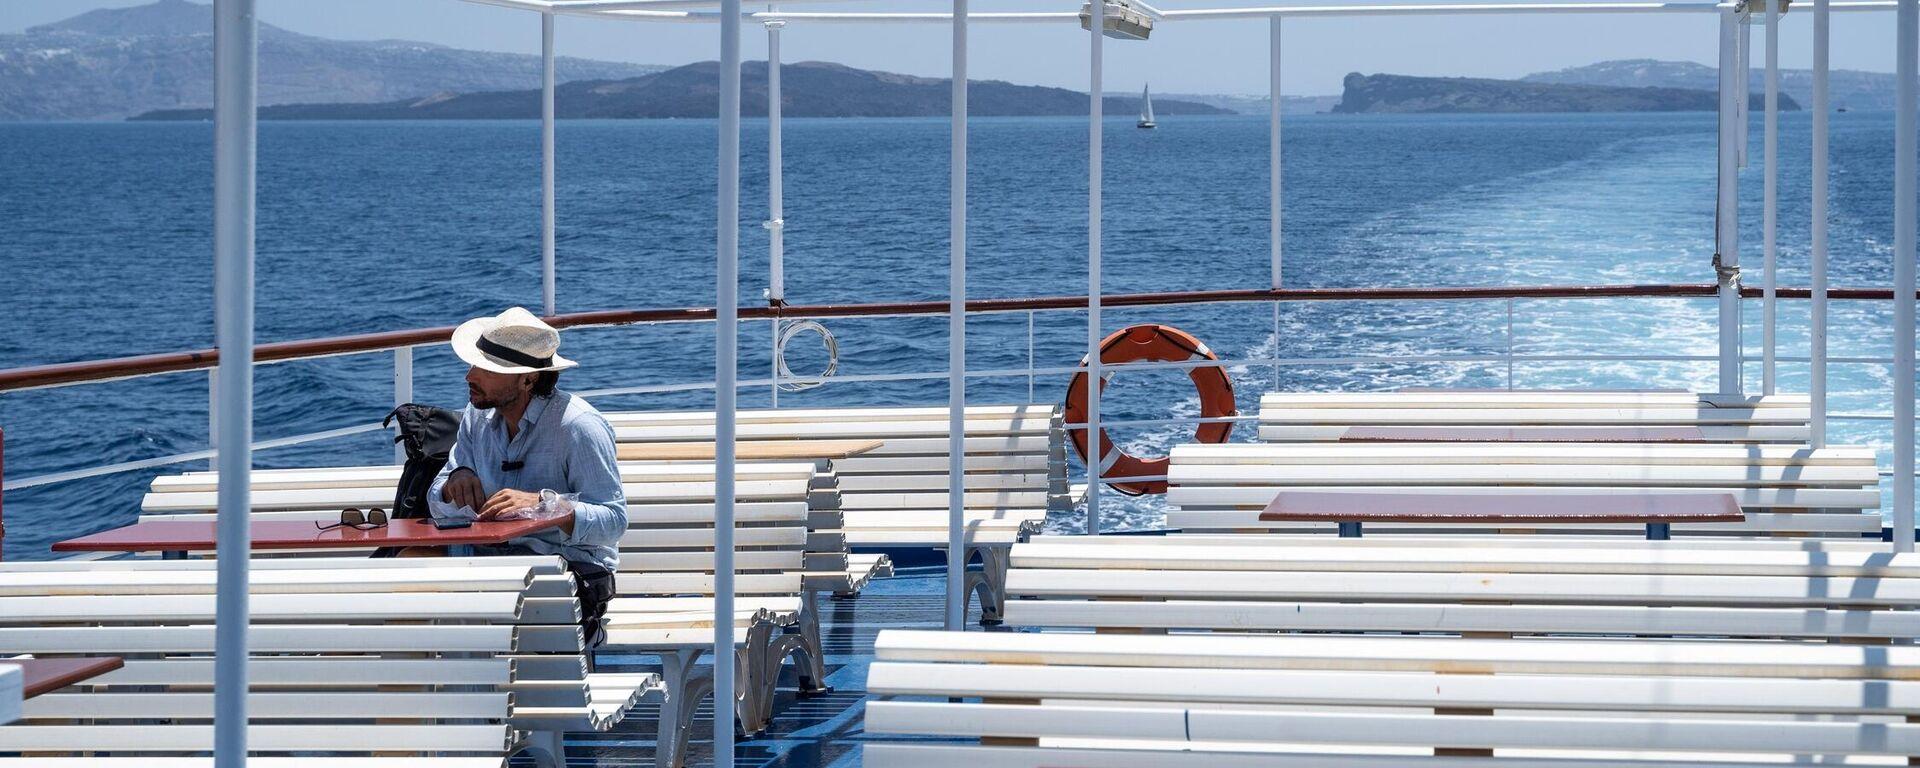 Ταξίδι με πλοίο - Sputnik Ελλάδα, 1920, 24.08.2021